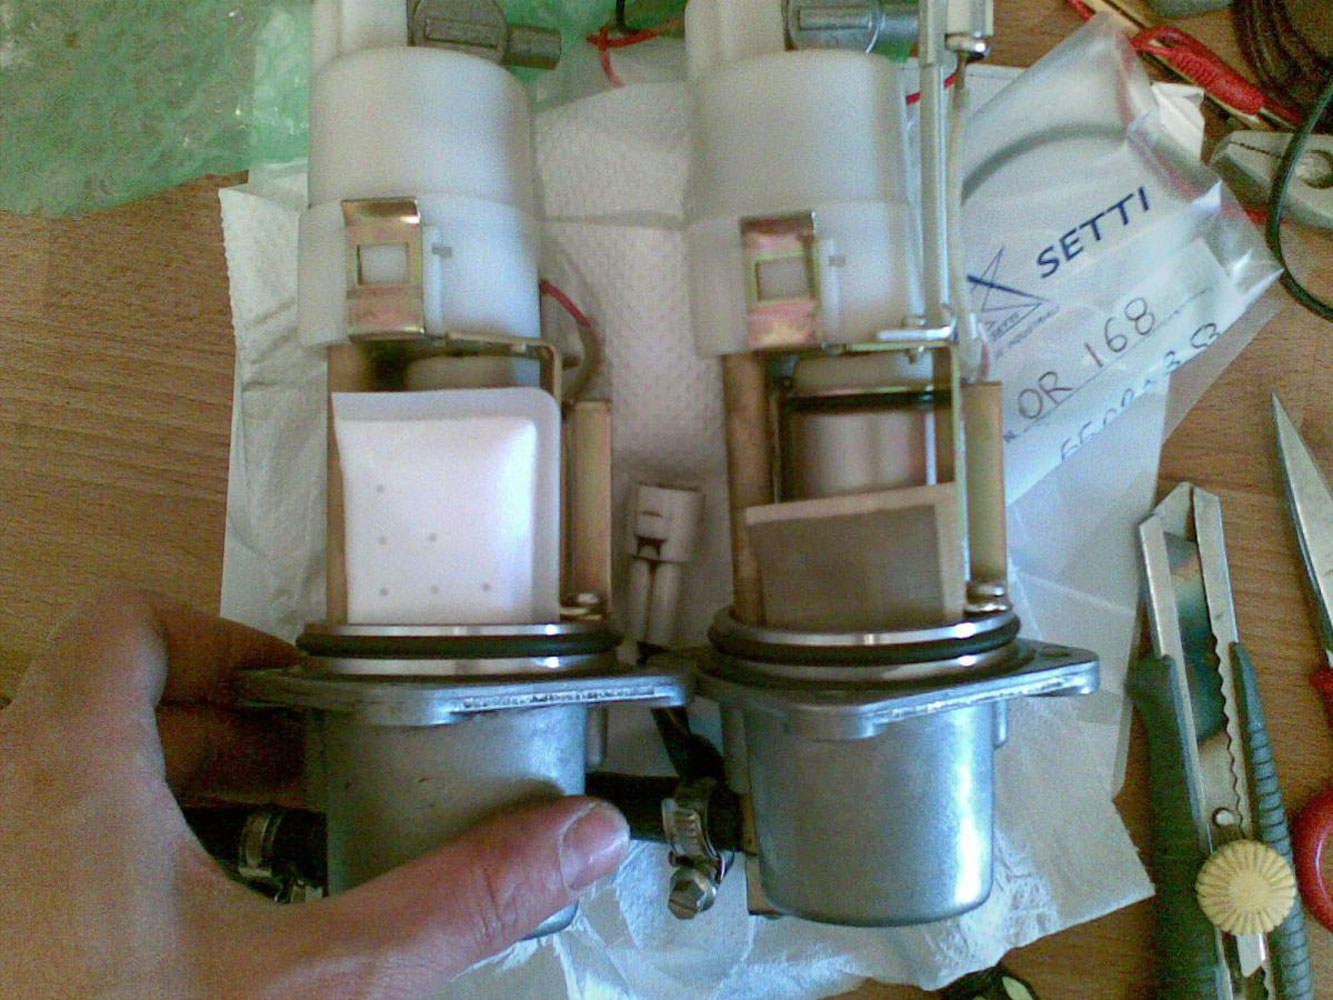 Pompa e filtri benzina per KTM LC8/RC8 sia 990 che 1190/1290